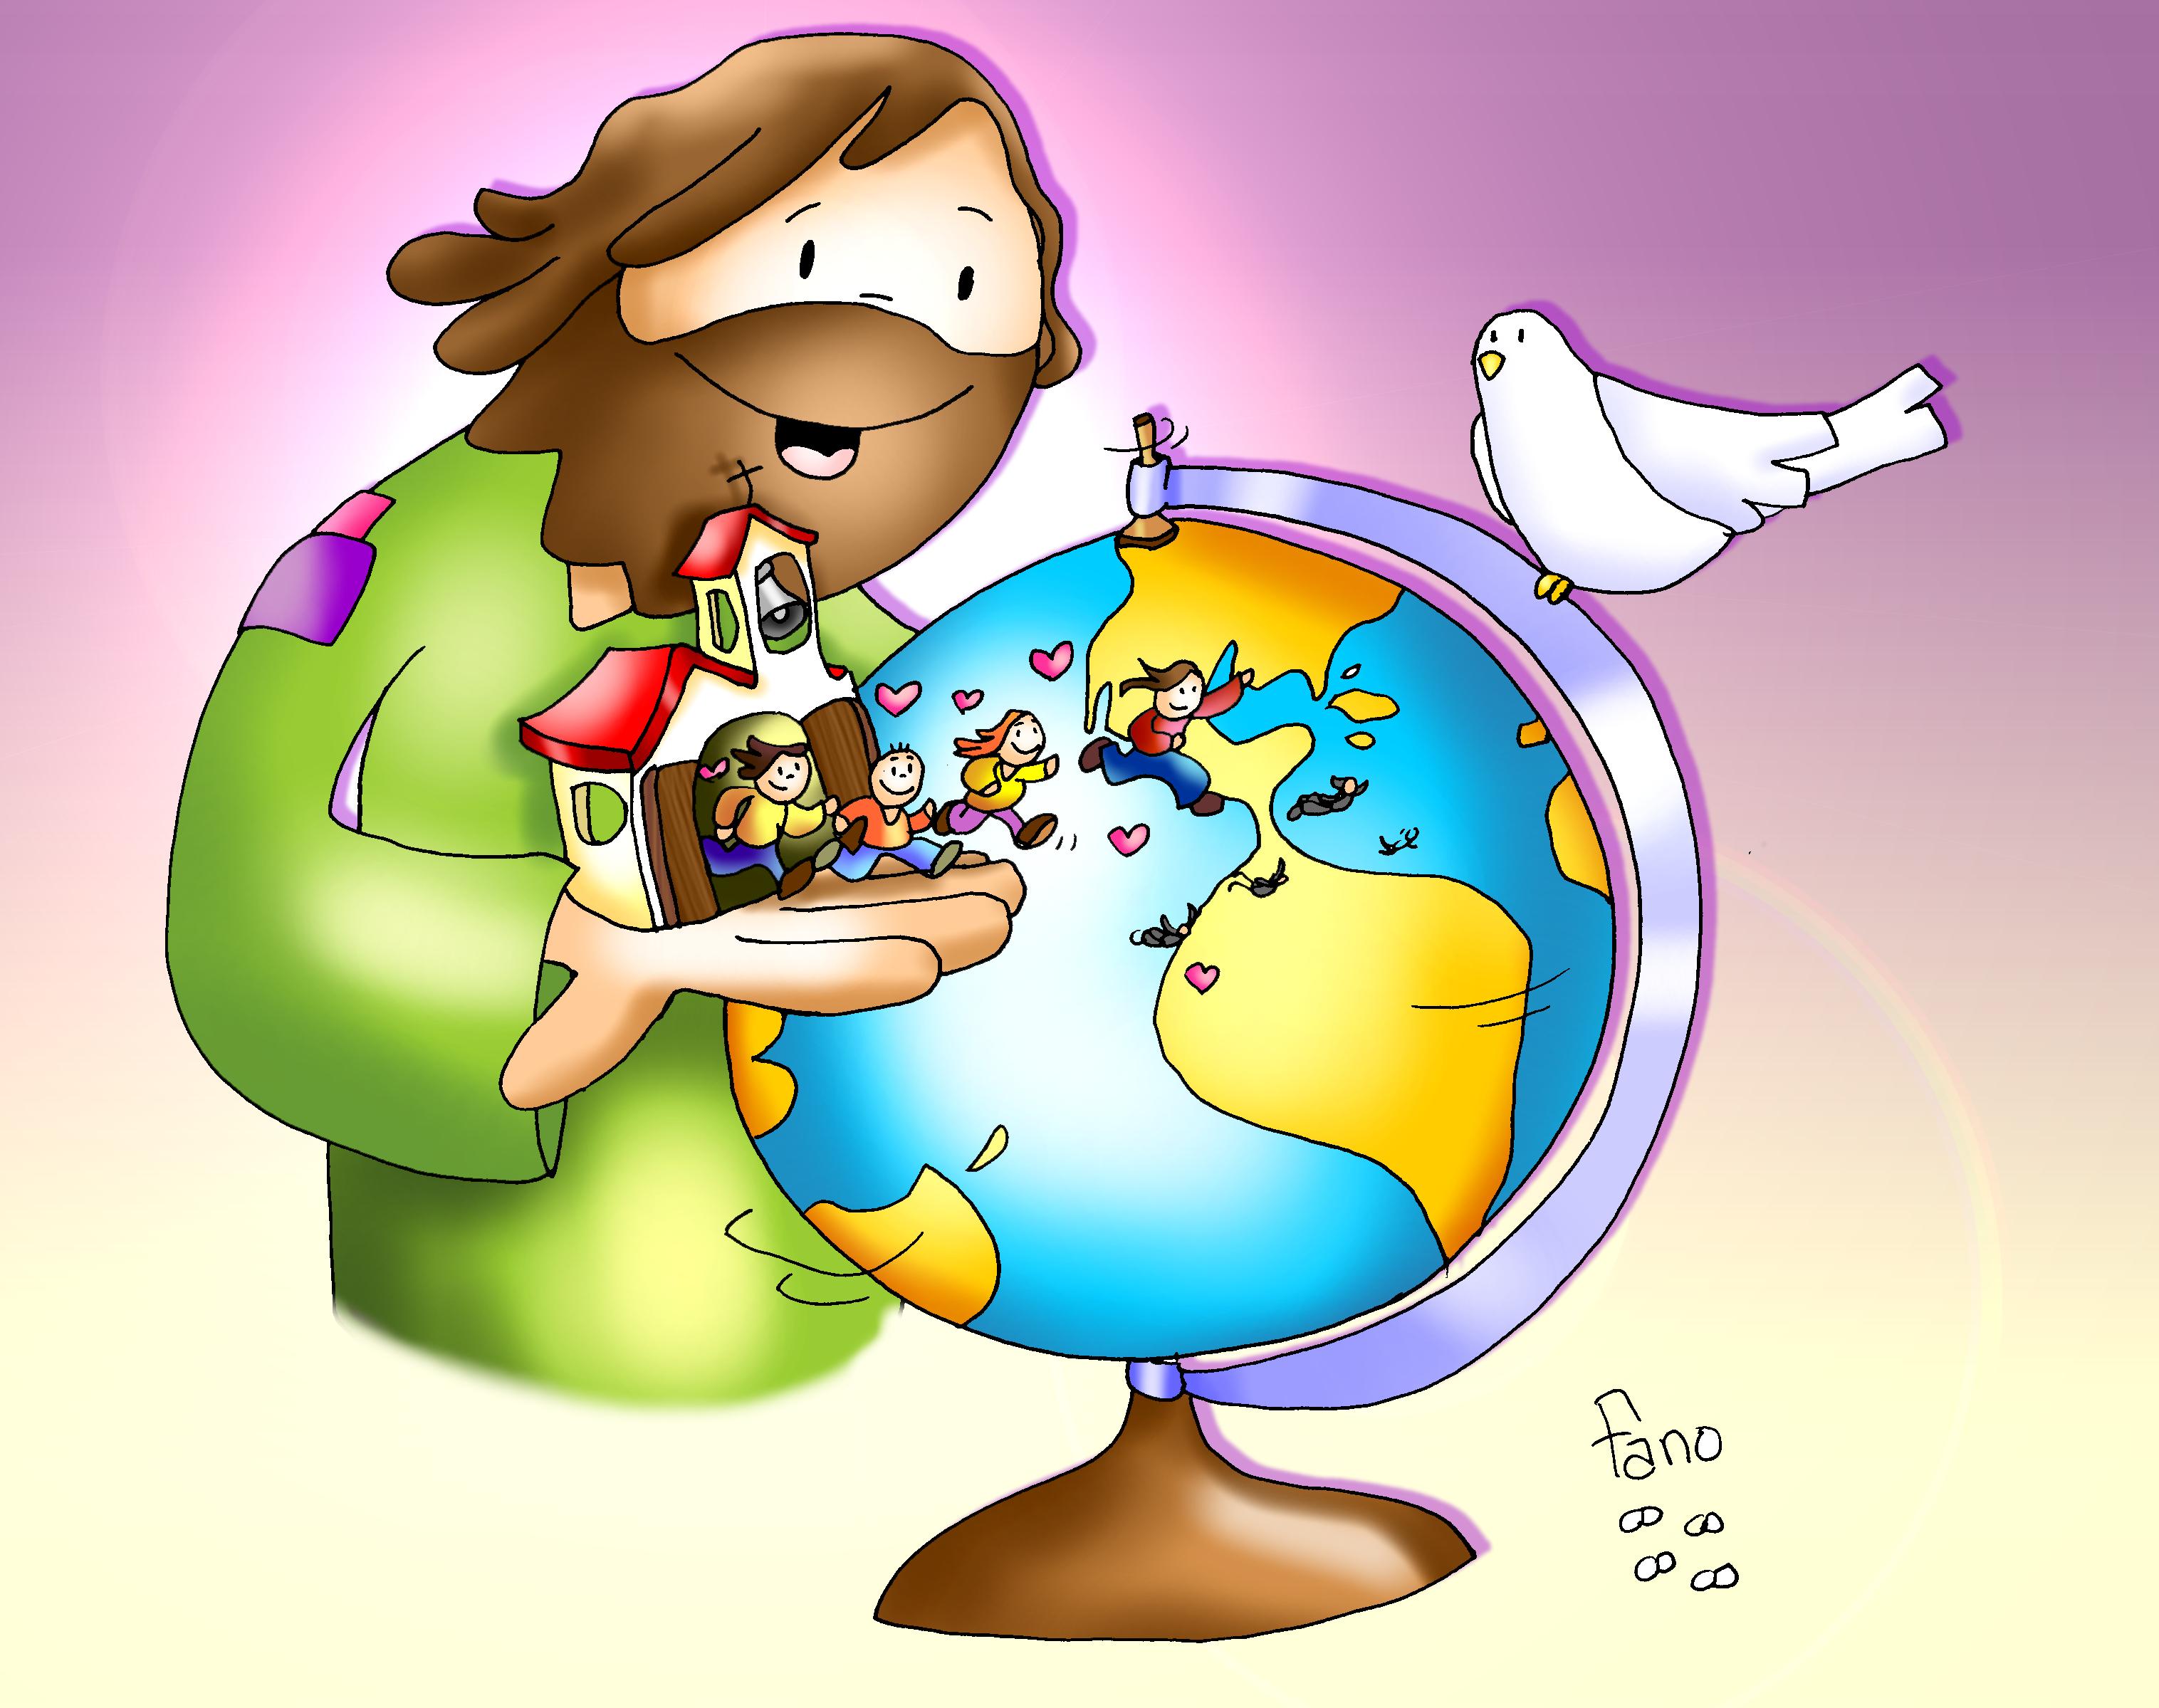 Resultado de imagen de dibujo de fano evangelio domingo 2 de julio 2017